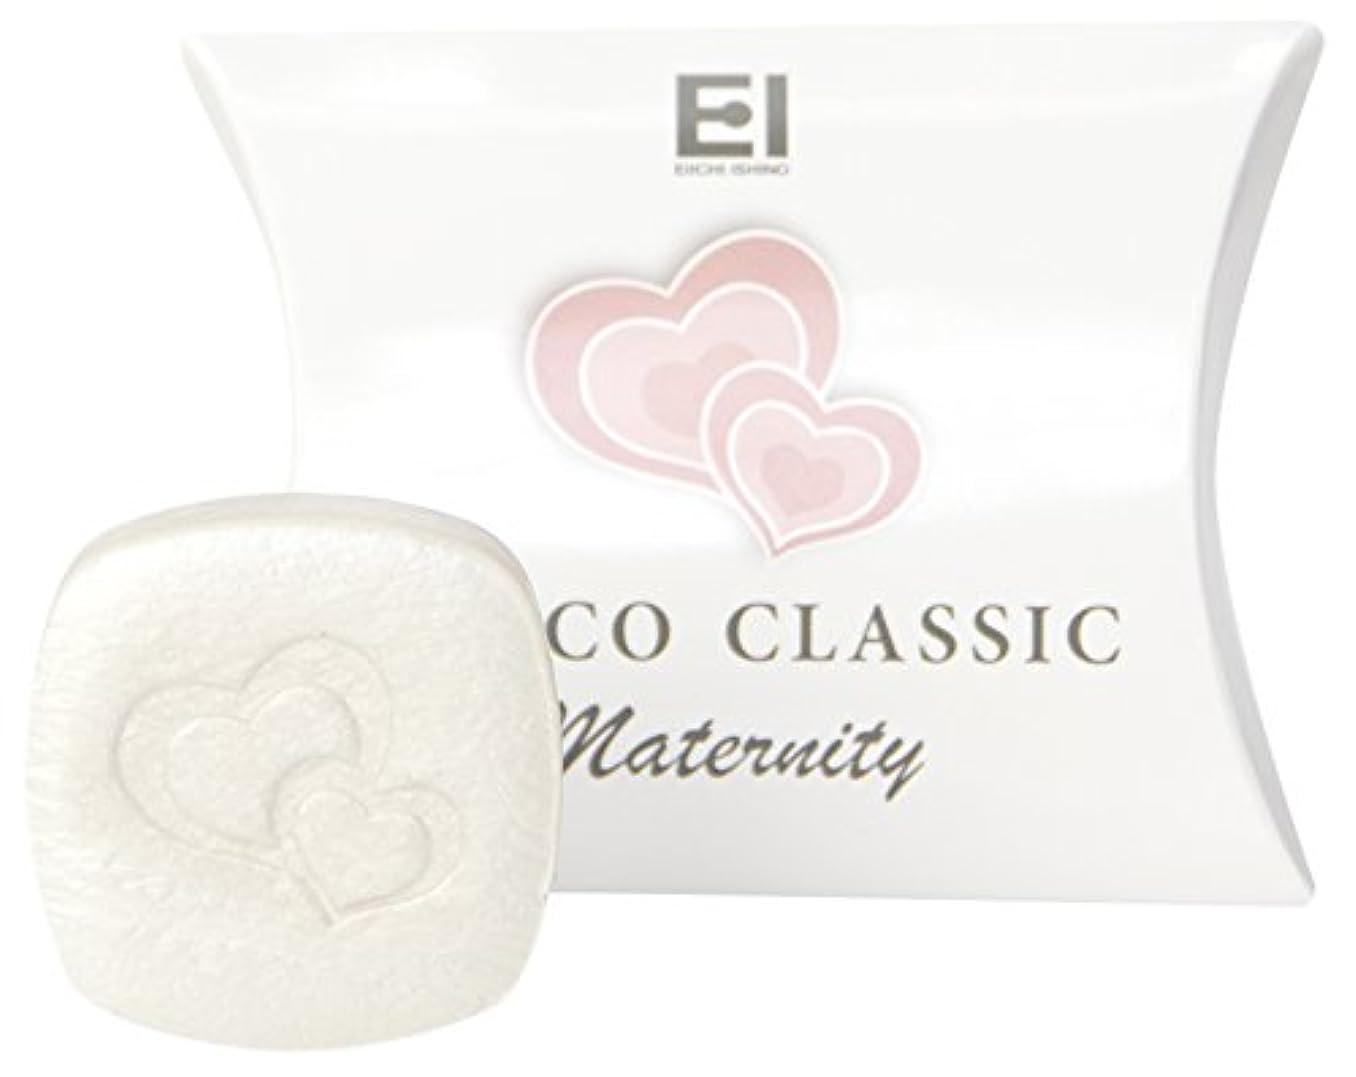 他に整理するキネマティクスEI JUNCO CLASSIC MATERNITY SOAP 20g